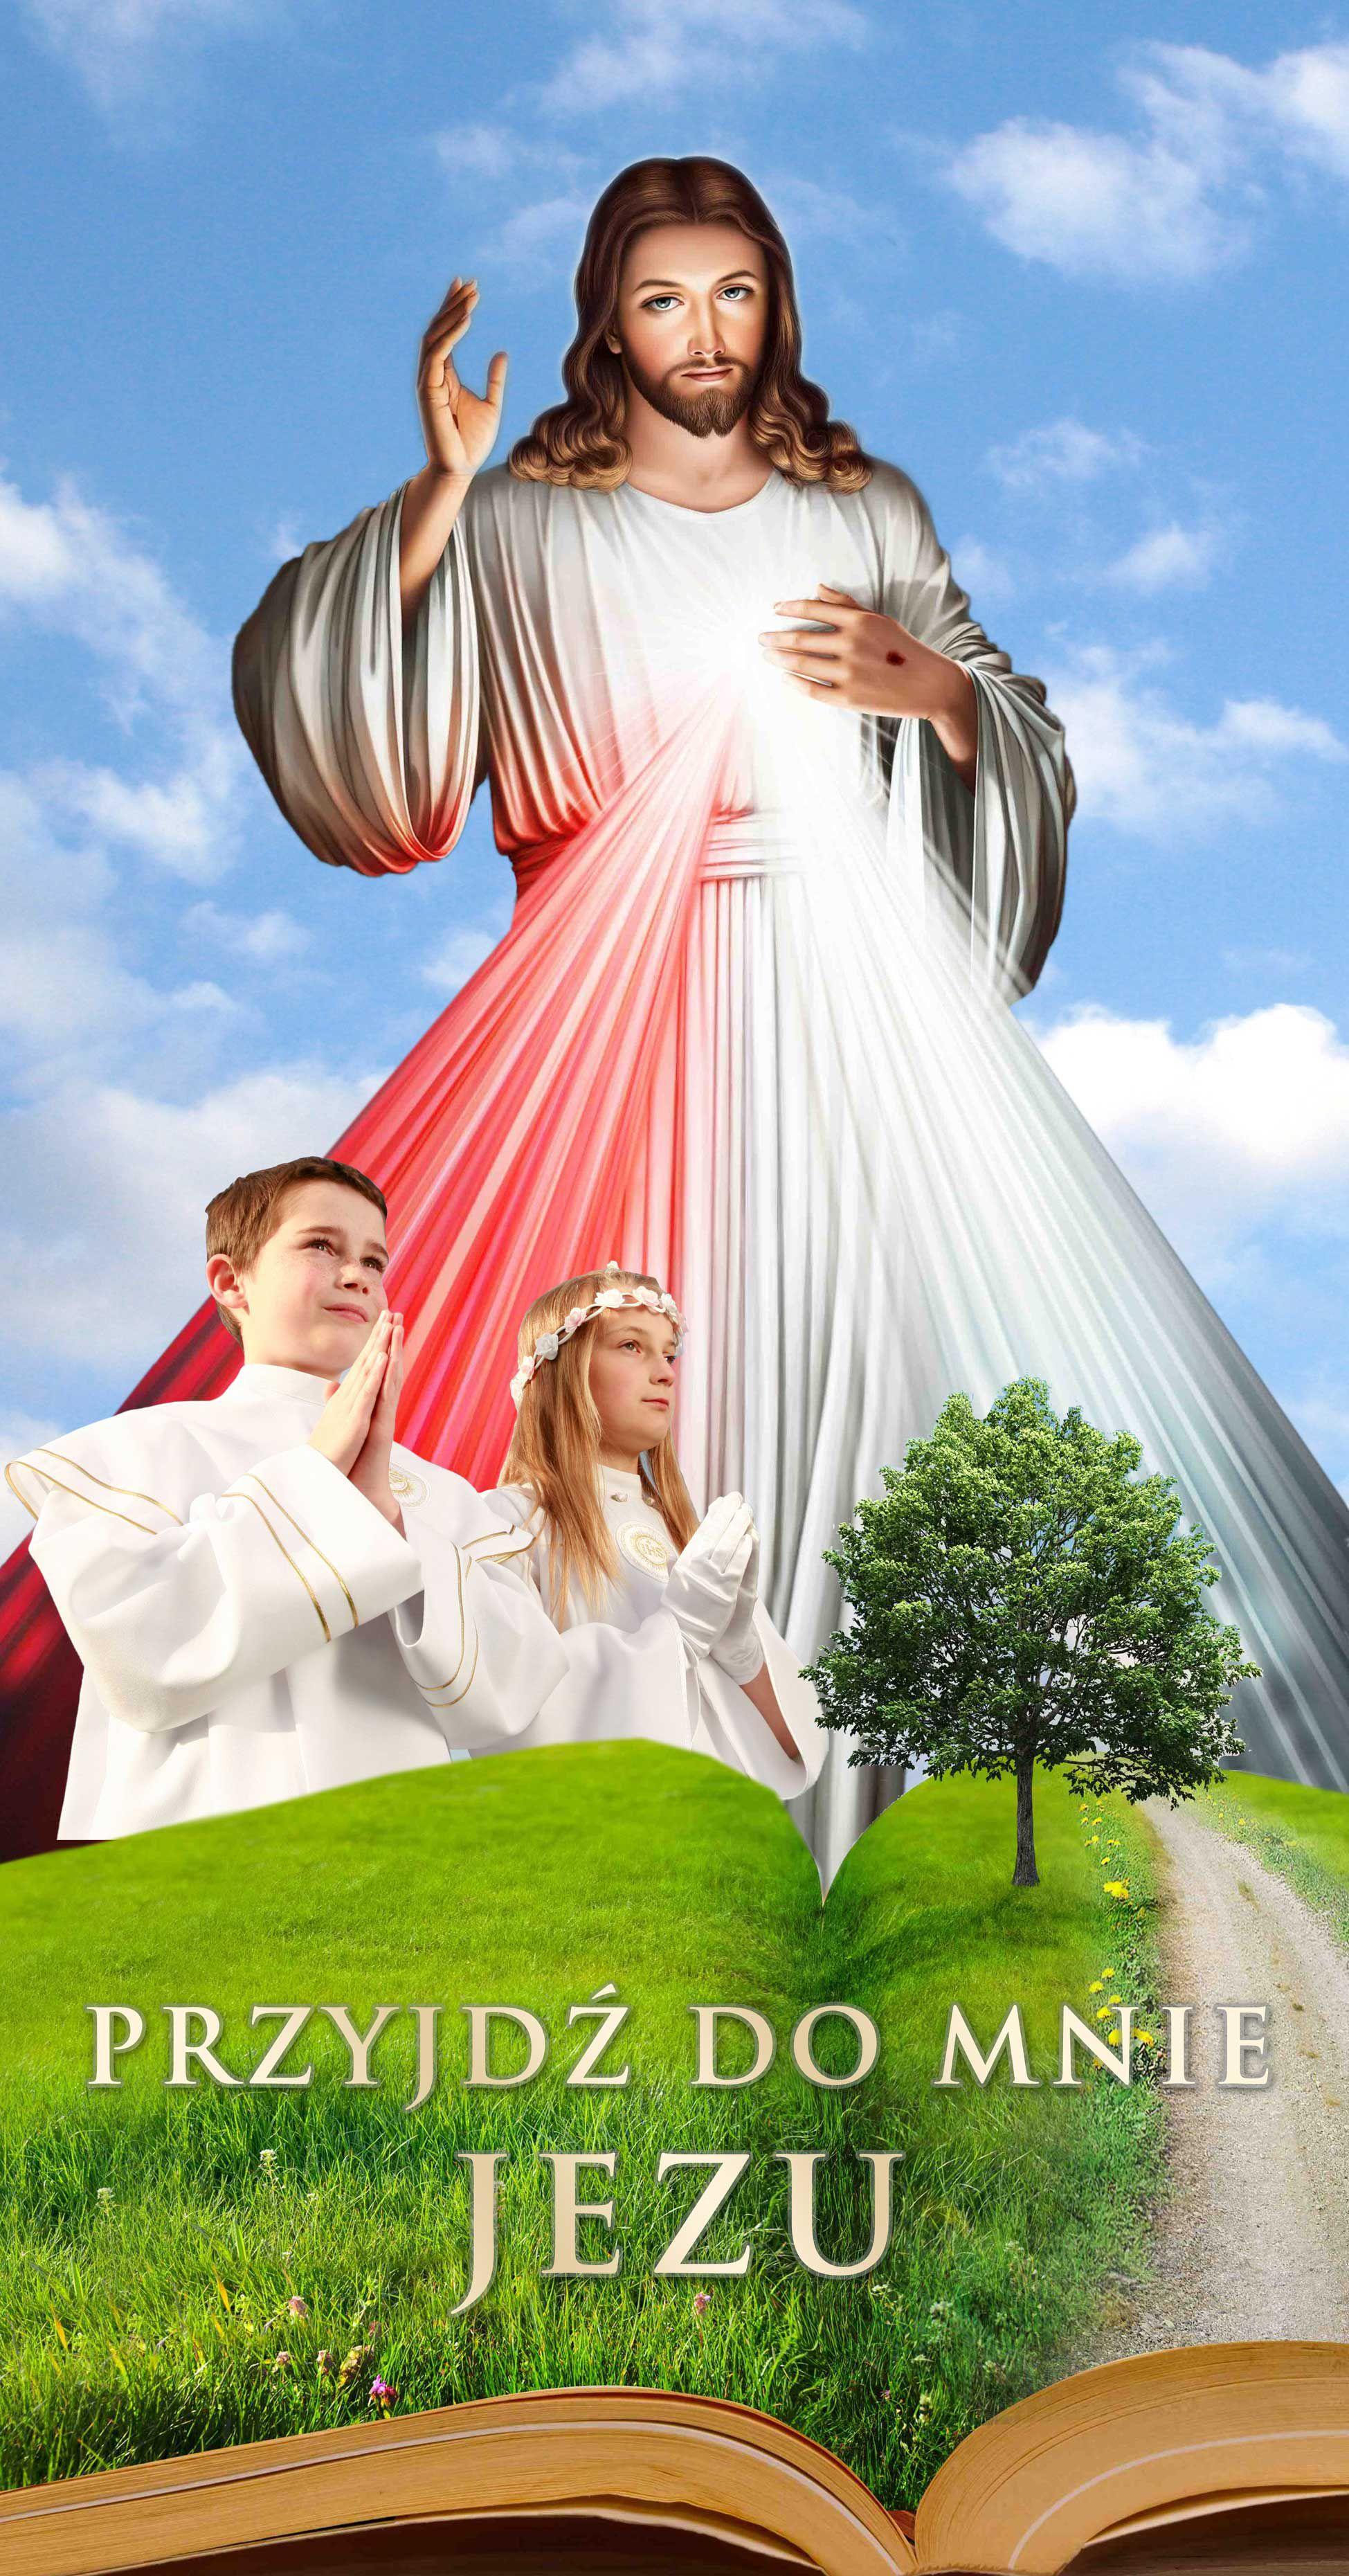 Pierwsza Komunia Swieta - Baner religijny - Wybor rozmiarow